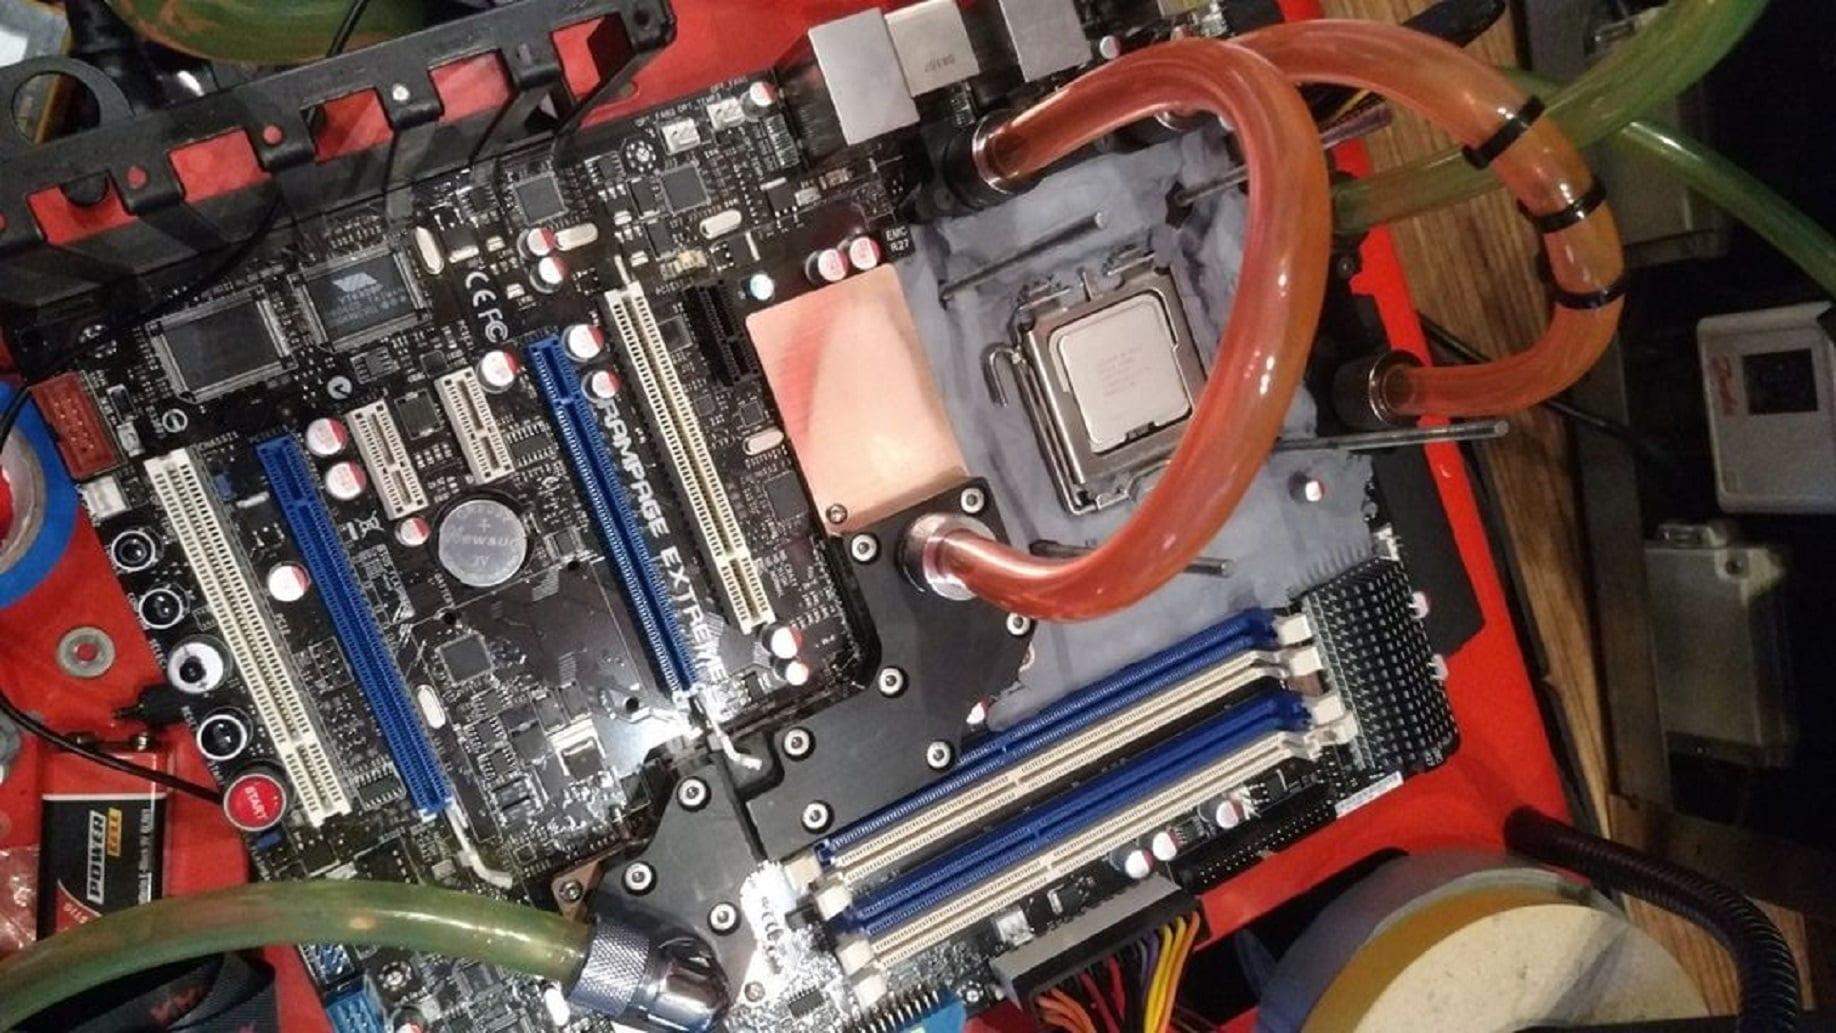 Splave установил рекорд в модельном зачете видеокарты NVIDIA GeForce GTX 275